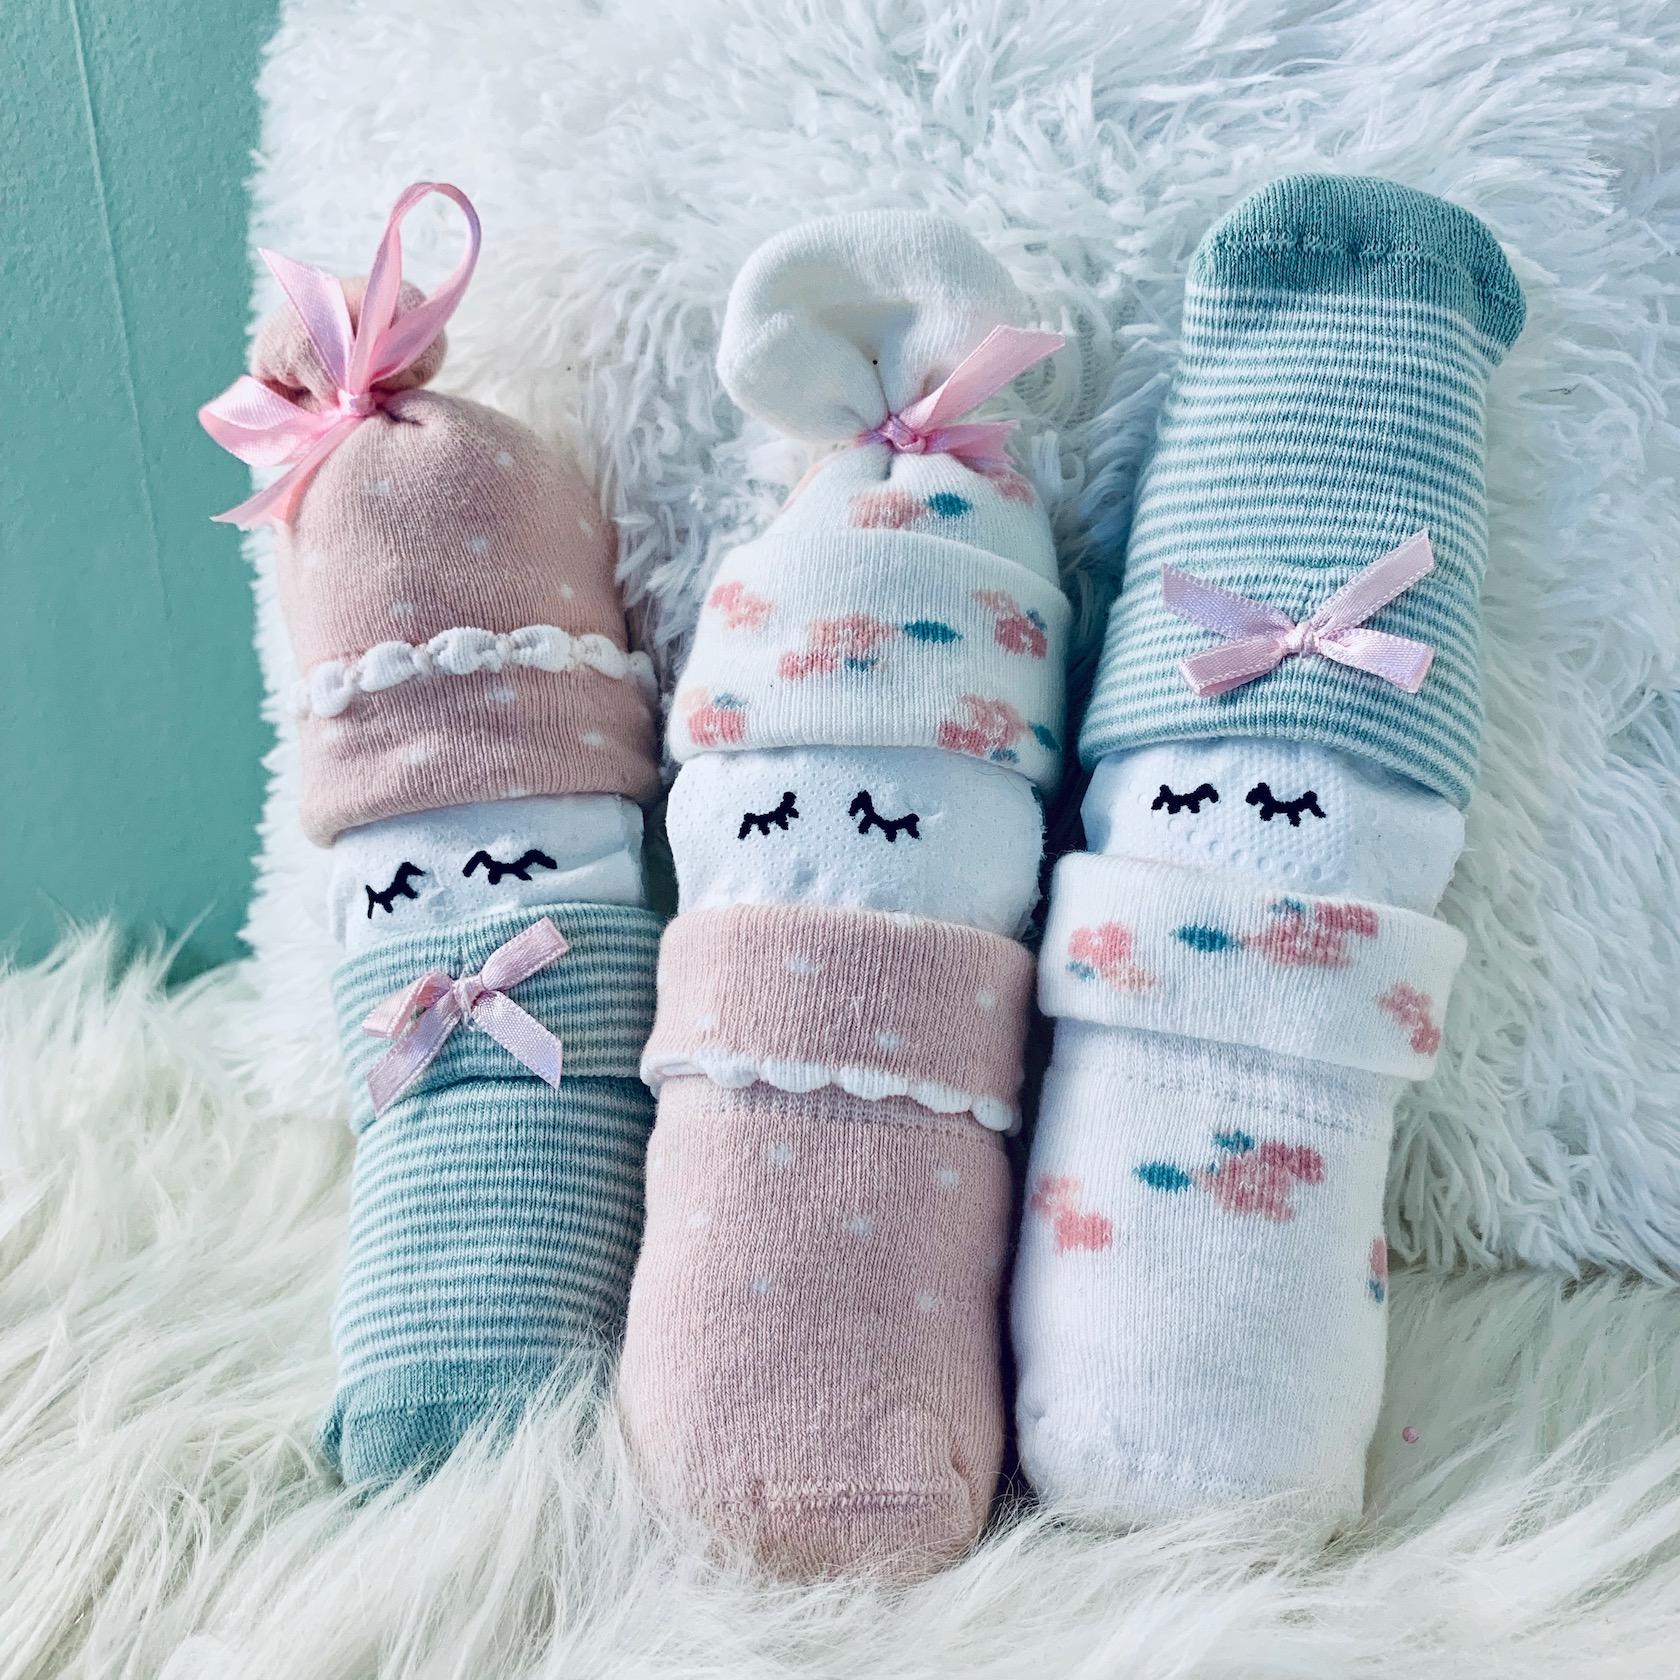 Geburtsgeschenk schlafende Strampelmännchen